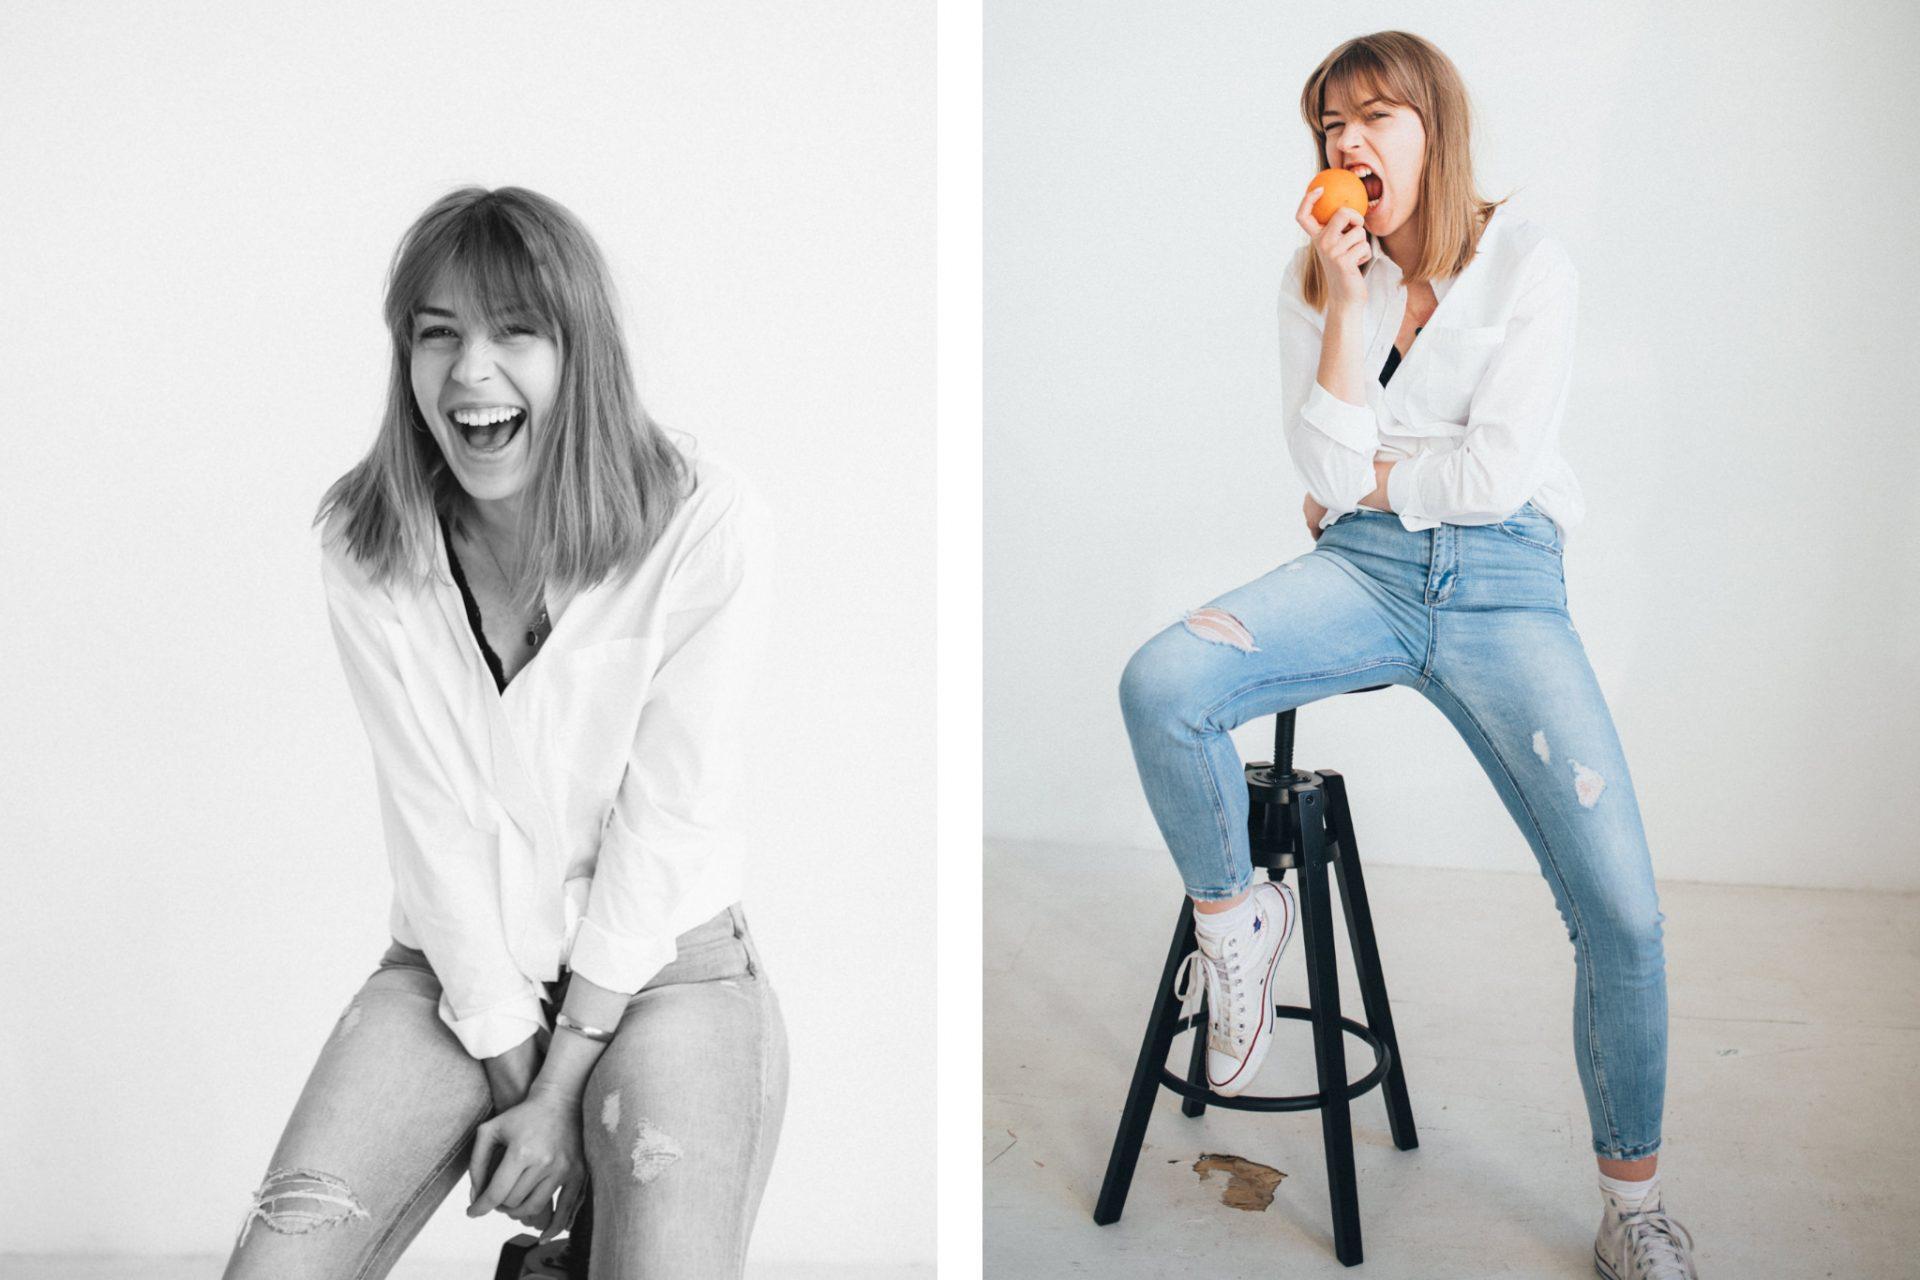 fotograf-kobiet-poznań-sesja-w-studio